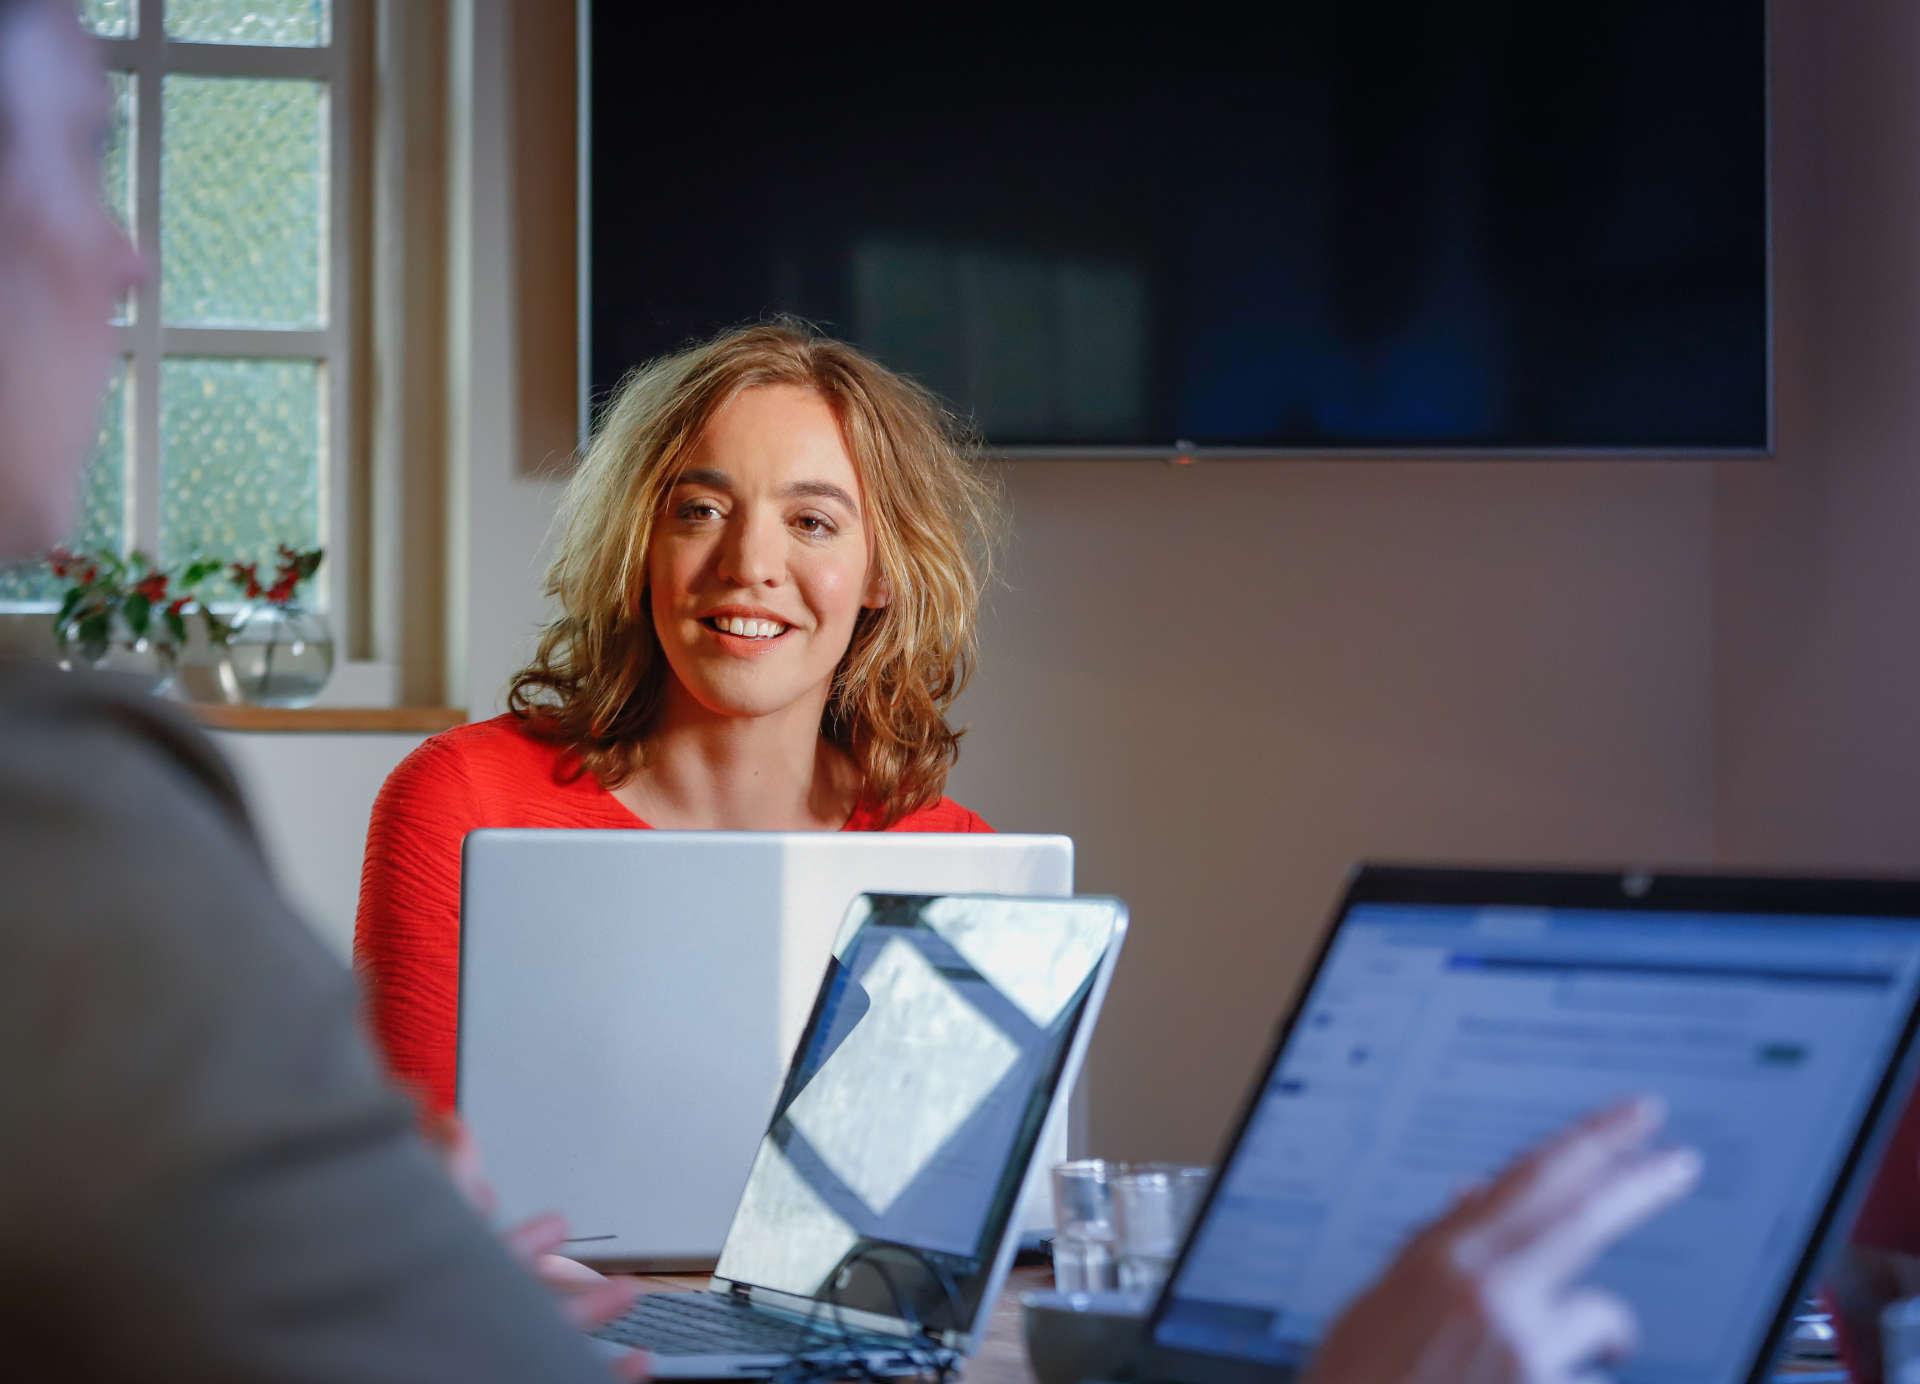 Gouden Website zet 'ideale klant' in beweging